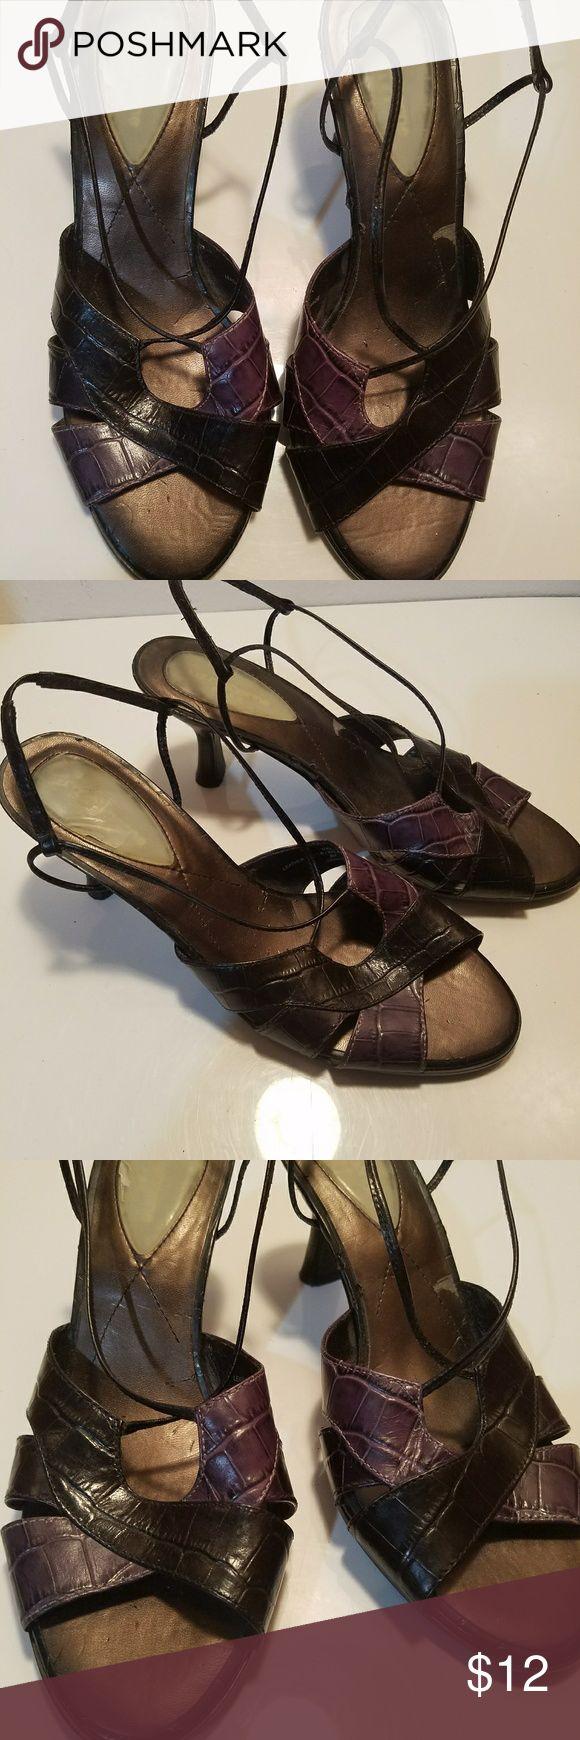 Strappy Liz Claiborne Sandals Sexy Strappy Liz Claiborne Sandals. Size 8M. 3 inch Heels. Good Condition. Very little wear. Liz Claiborne Shoes Sandals